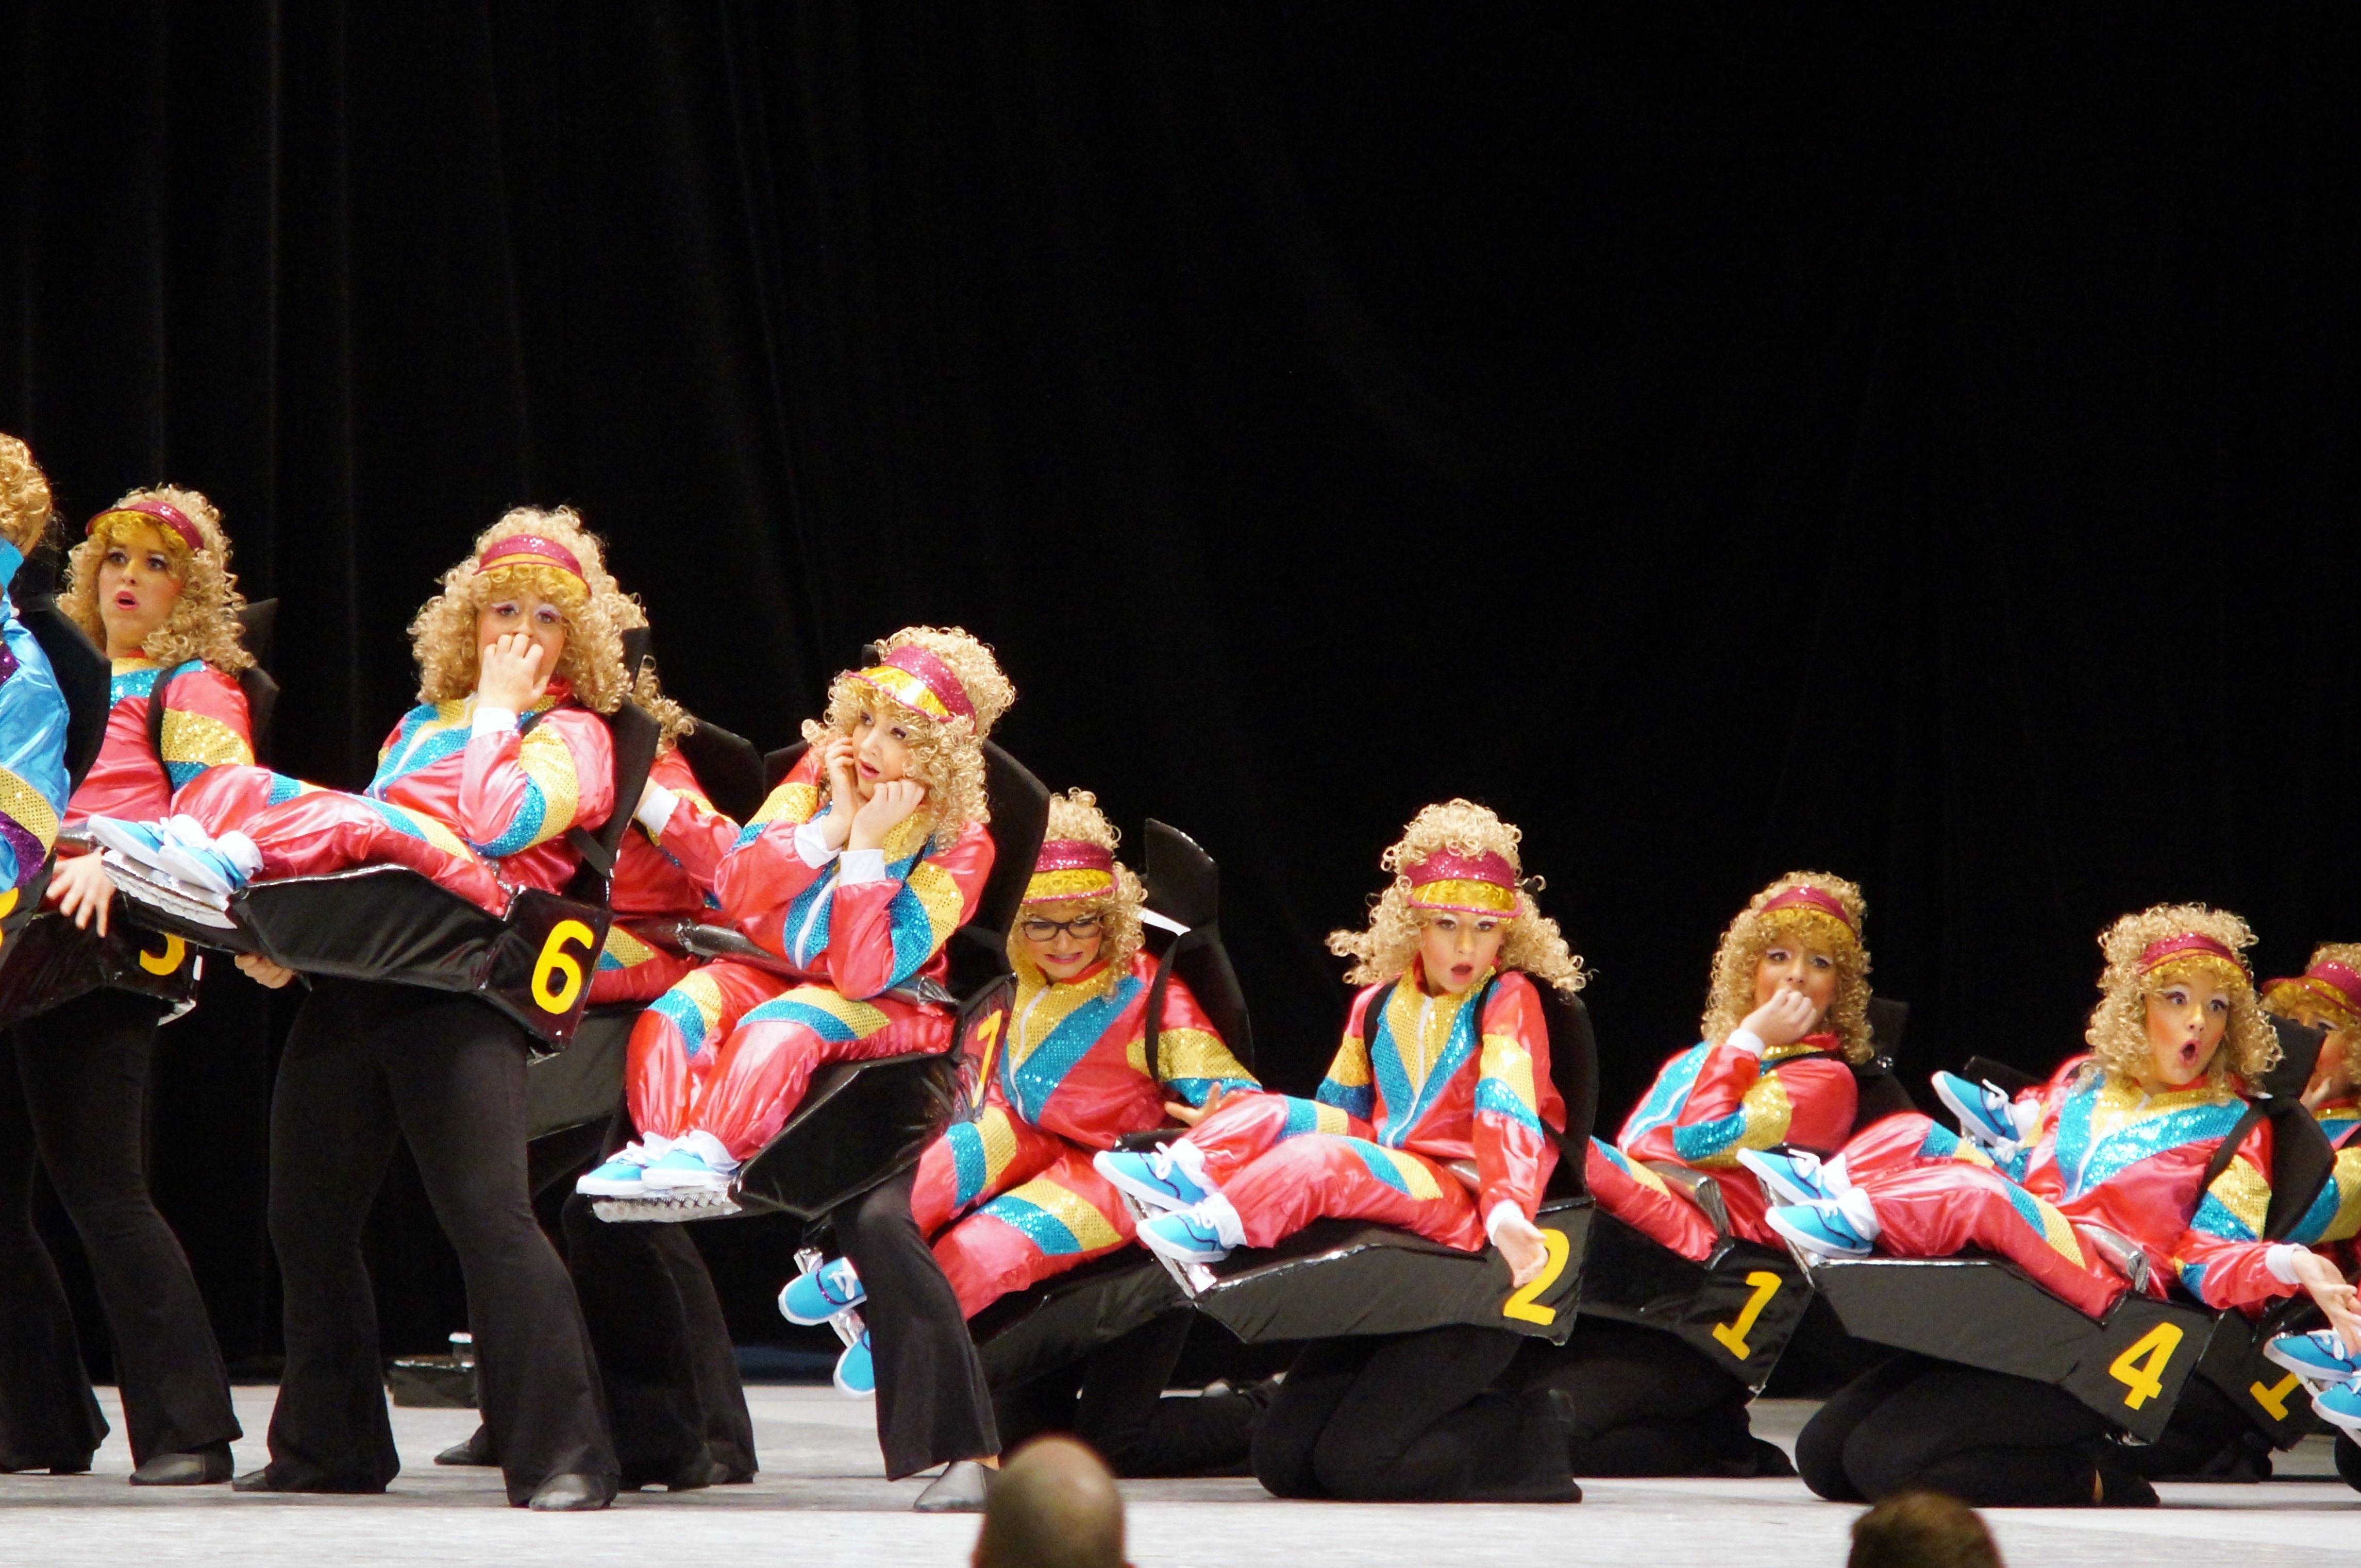 Achterbahn Kostum Karneval Fasching Show Schaukostum Gruppenkostum